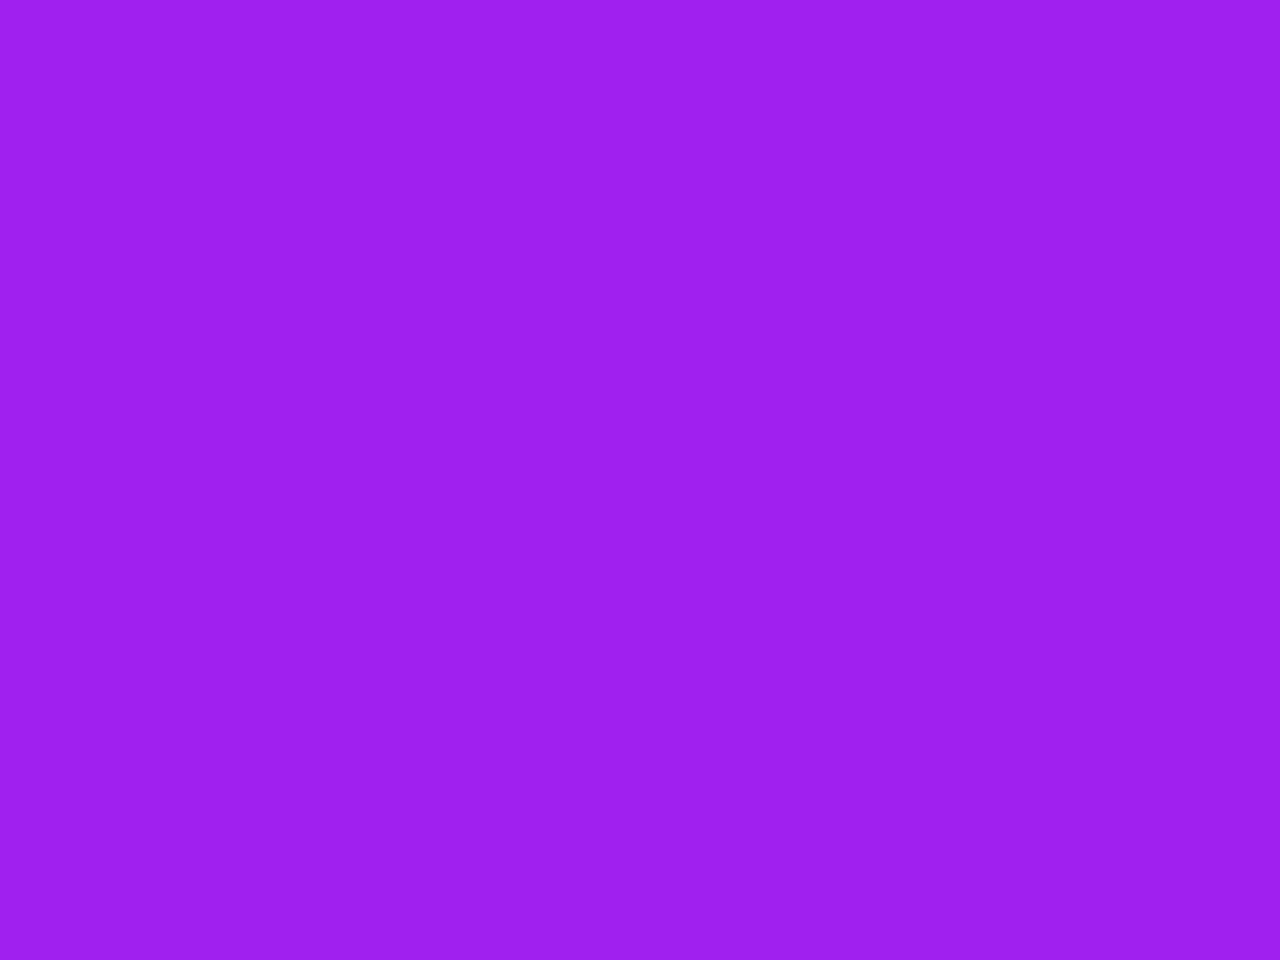 Dark Solid Purple Wall...